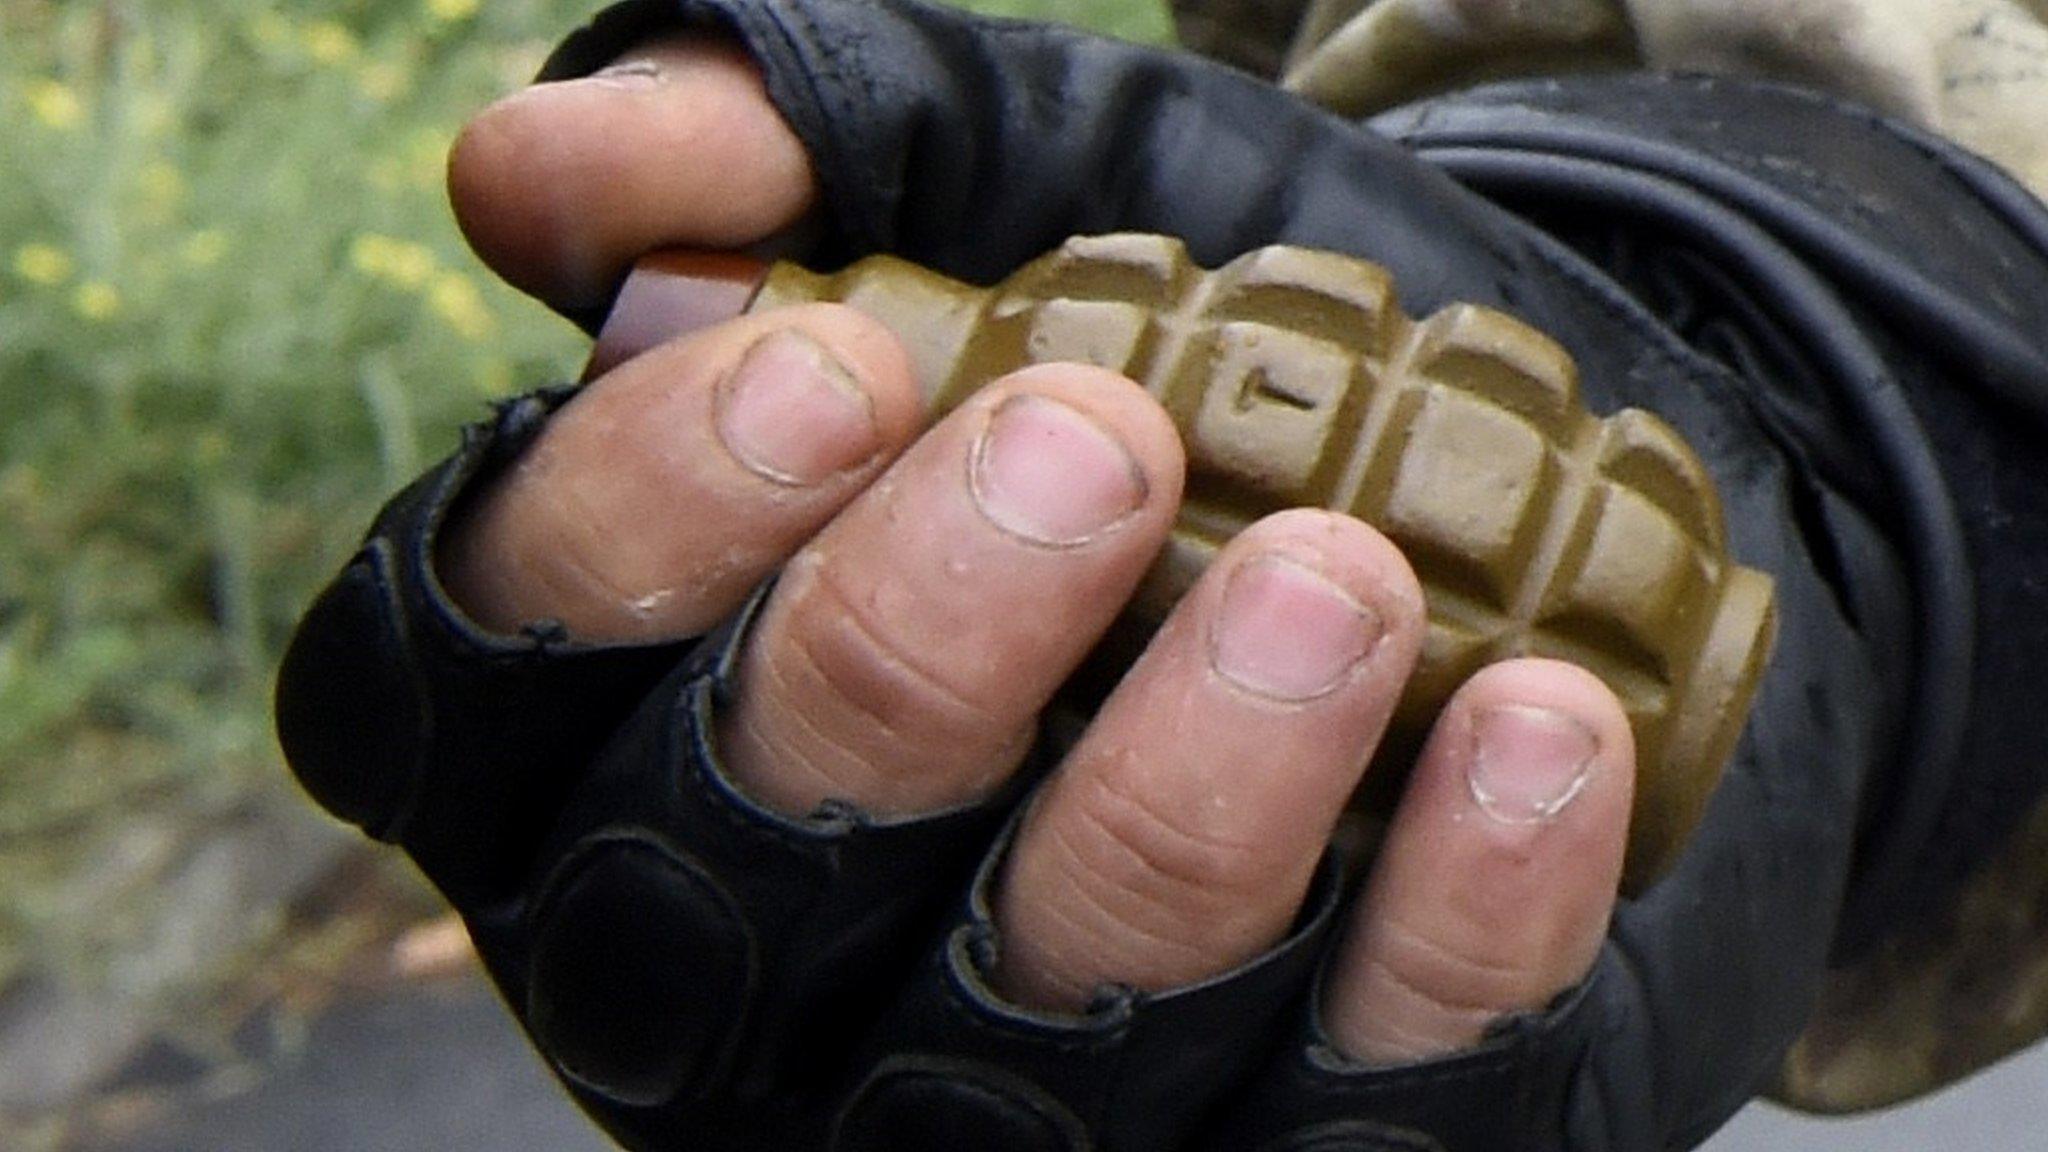 Ukraine 'father of deceased' sets off courtroom grenades